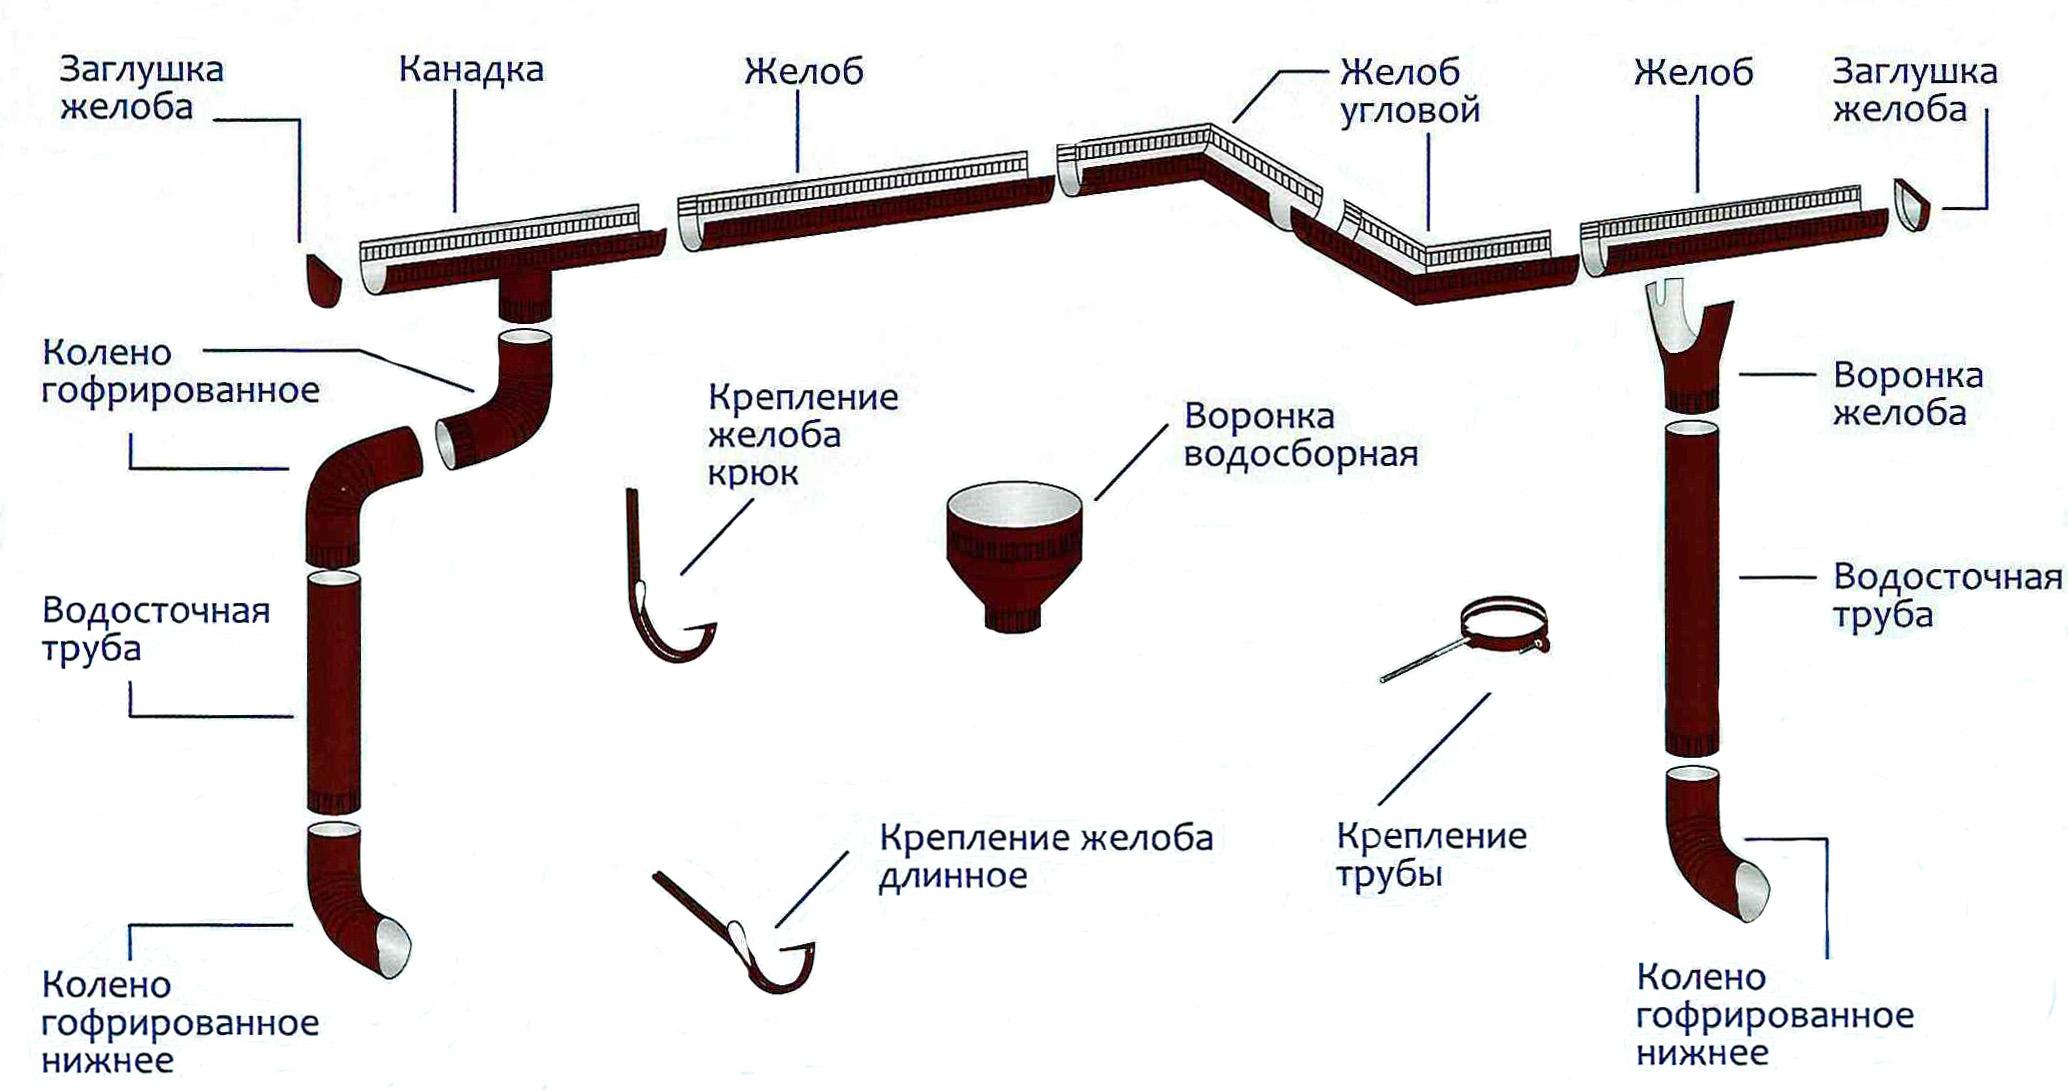 Как закрепить водостоки на крыше: инструкция, схемы, пошаговый монтаж 10